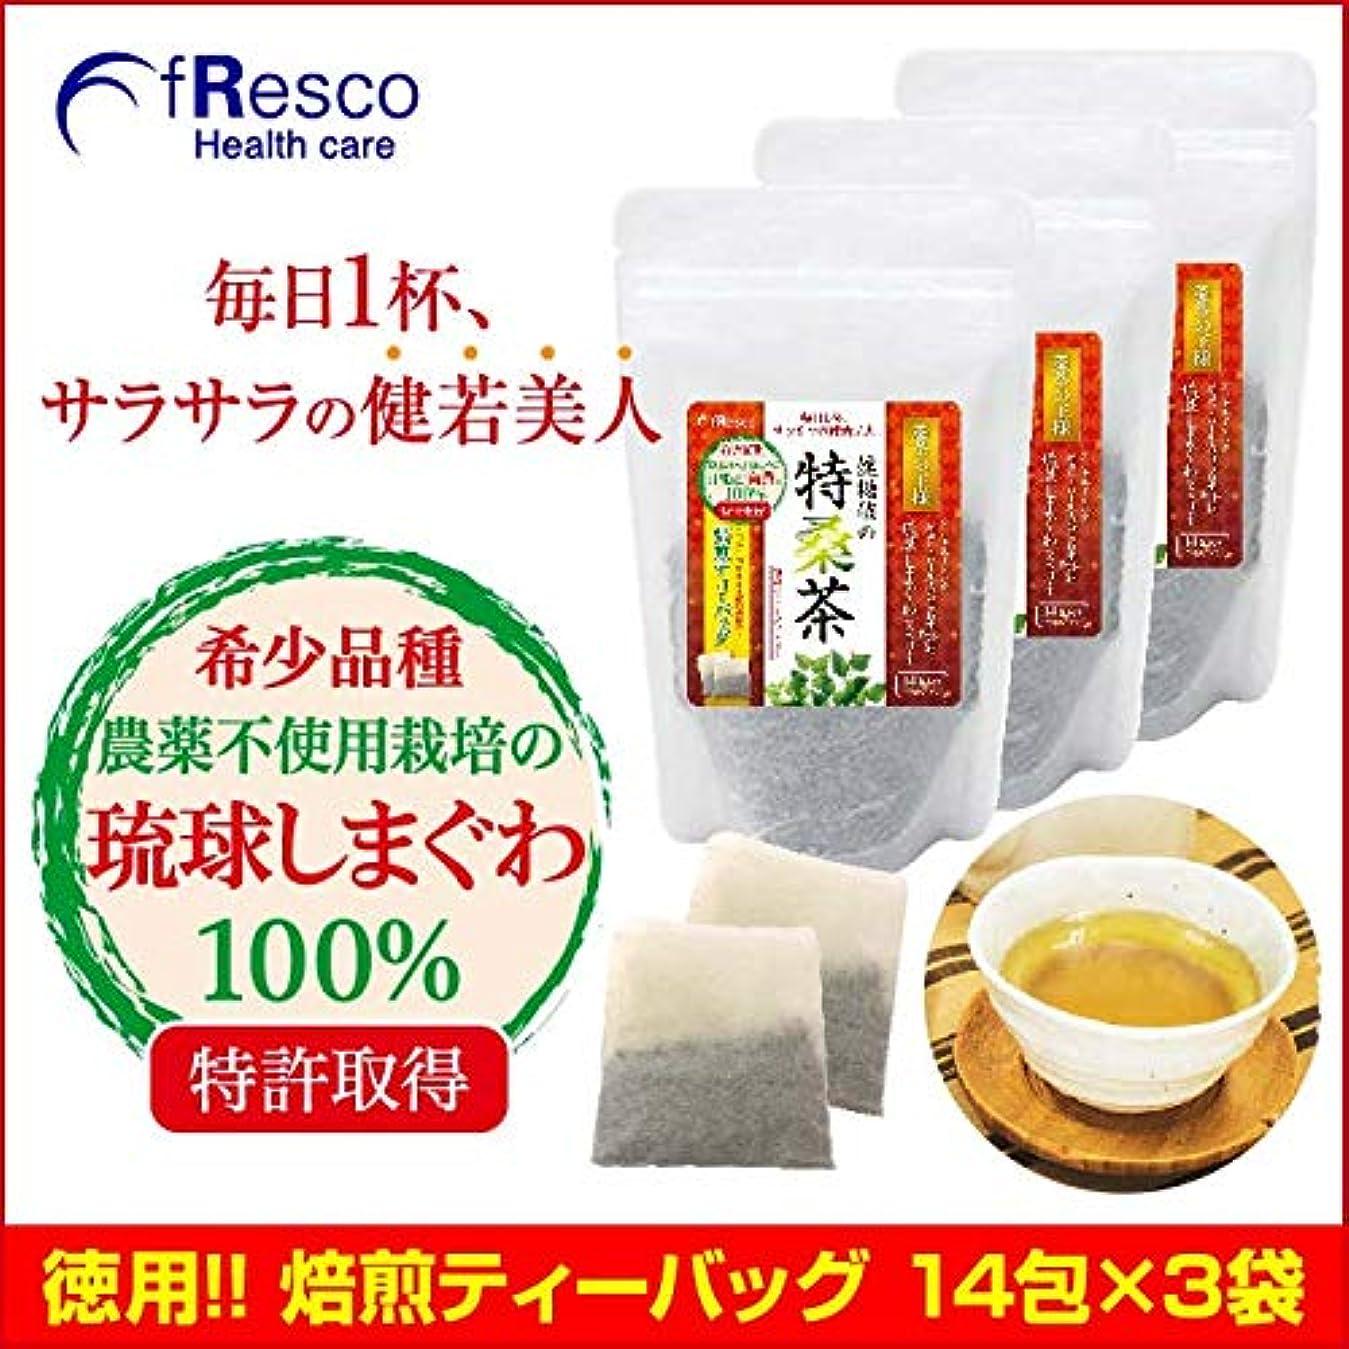 マイナス暖かさパーチナシティ桑茶の王様 琉球しまぐわ 健糖値の特桑茶 焙煎ティーバック 90日分(3個セット)